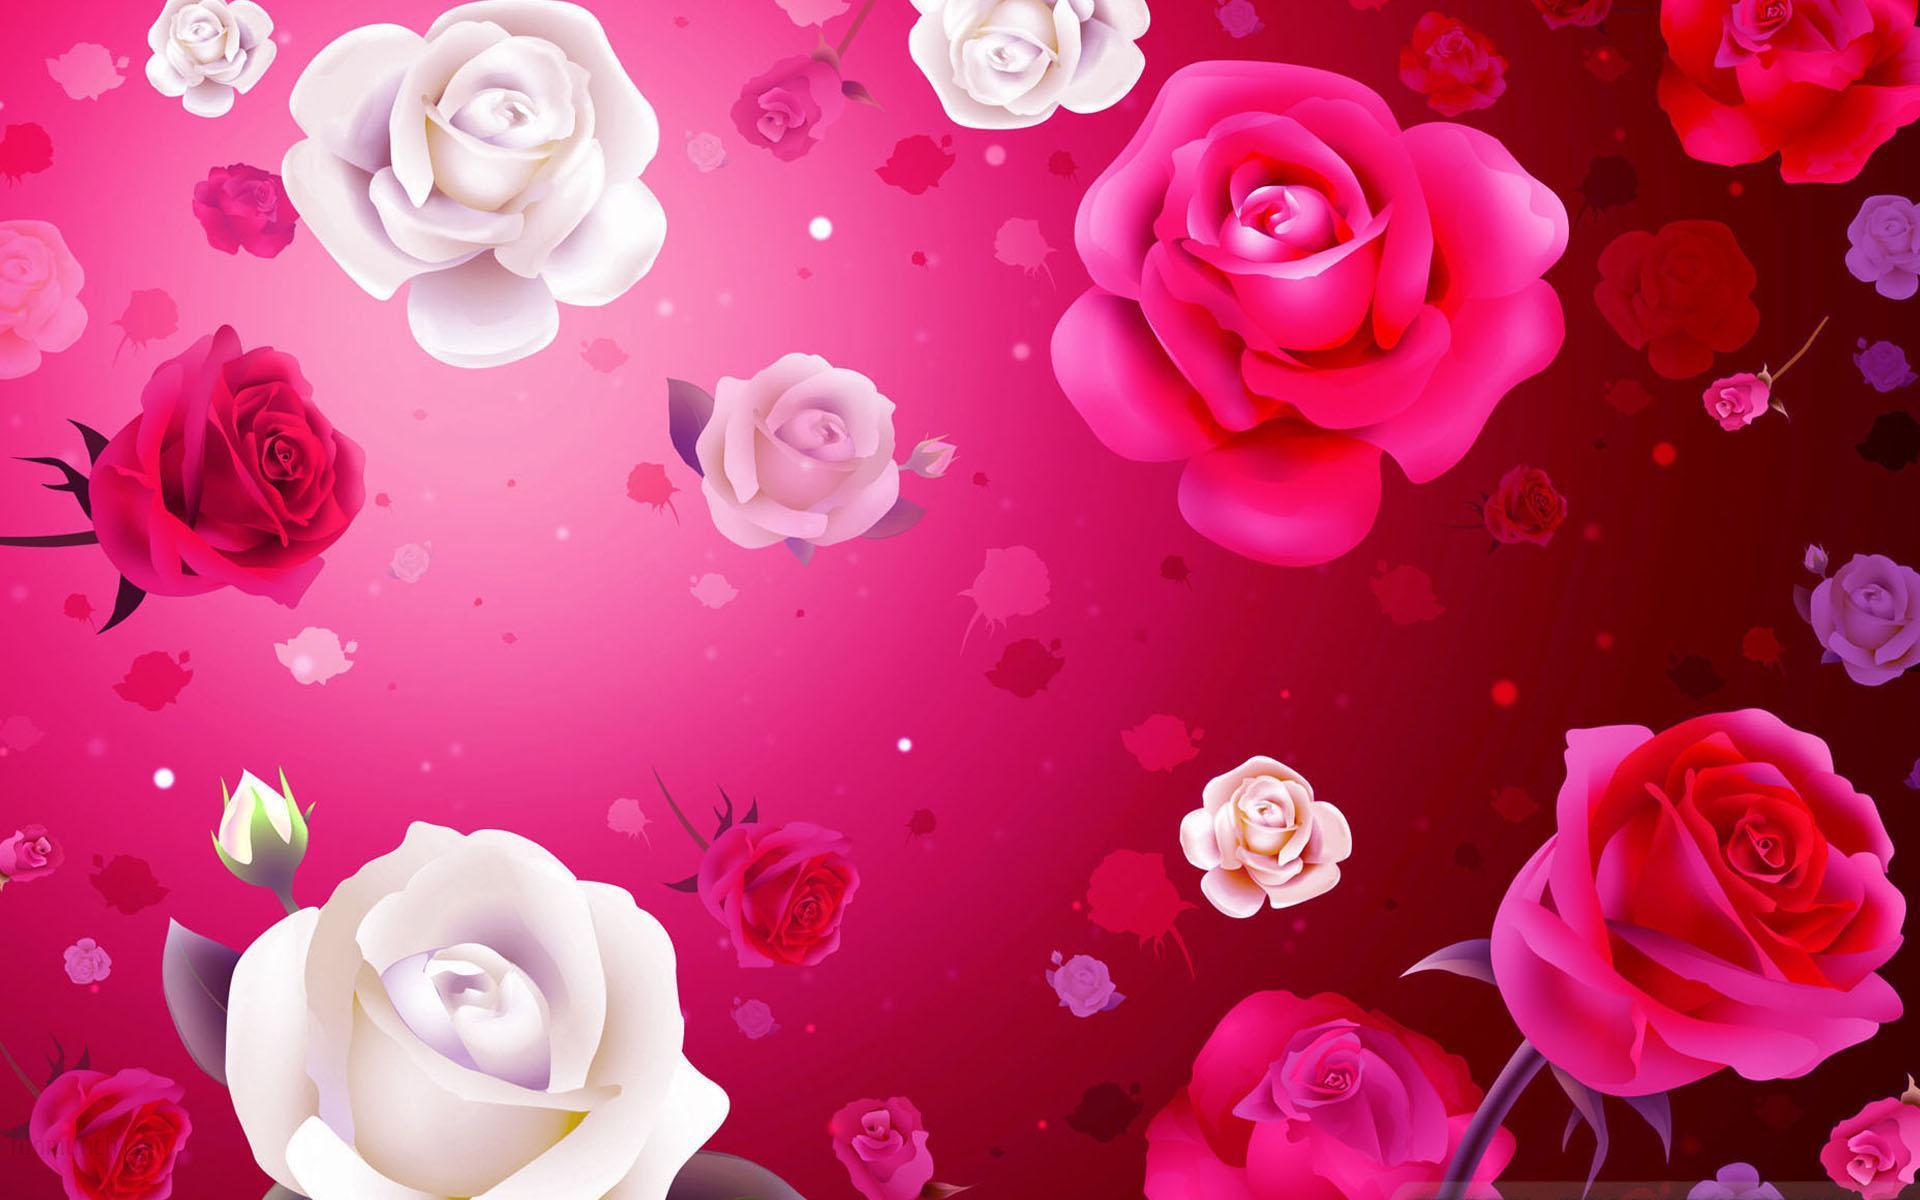 Valentines Desktop Wallpapers 81 1920x1200